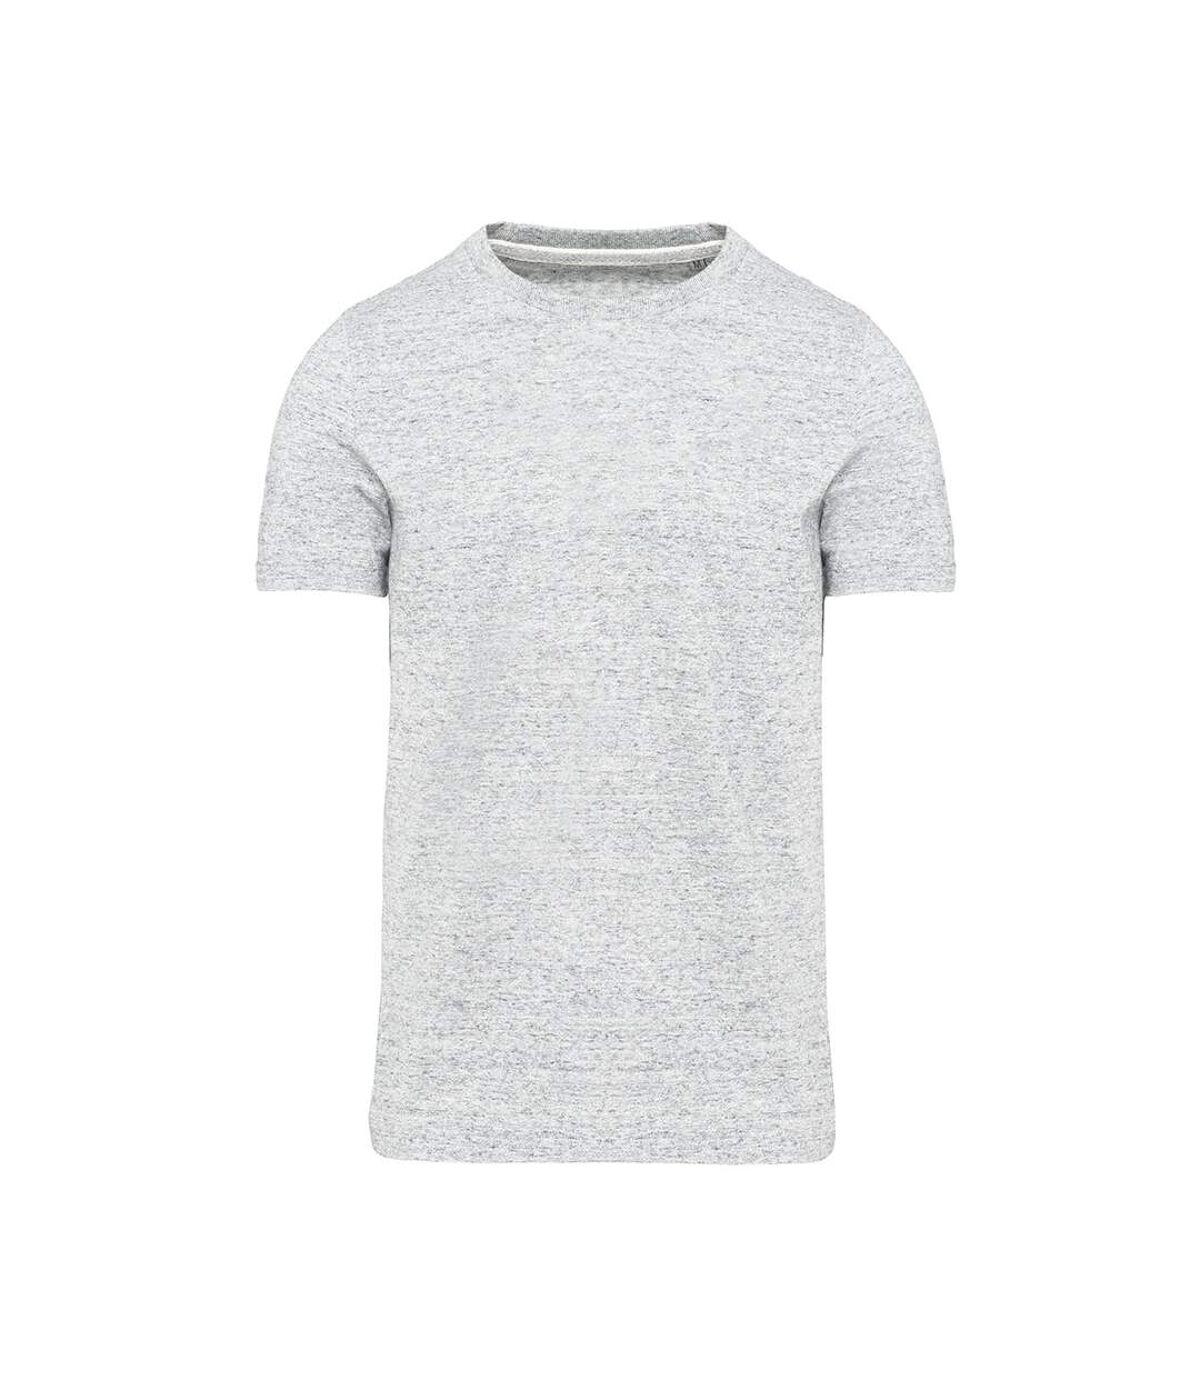 Kariban - T-Shirt manches courtes VINTAGE - Homme (Gris clair chiné) - UTPC3765